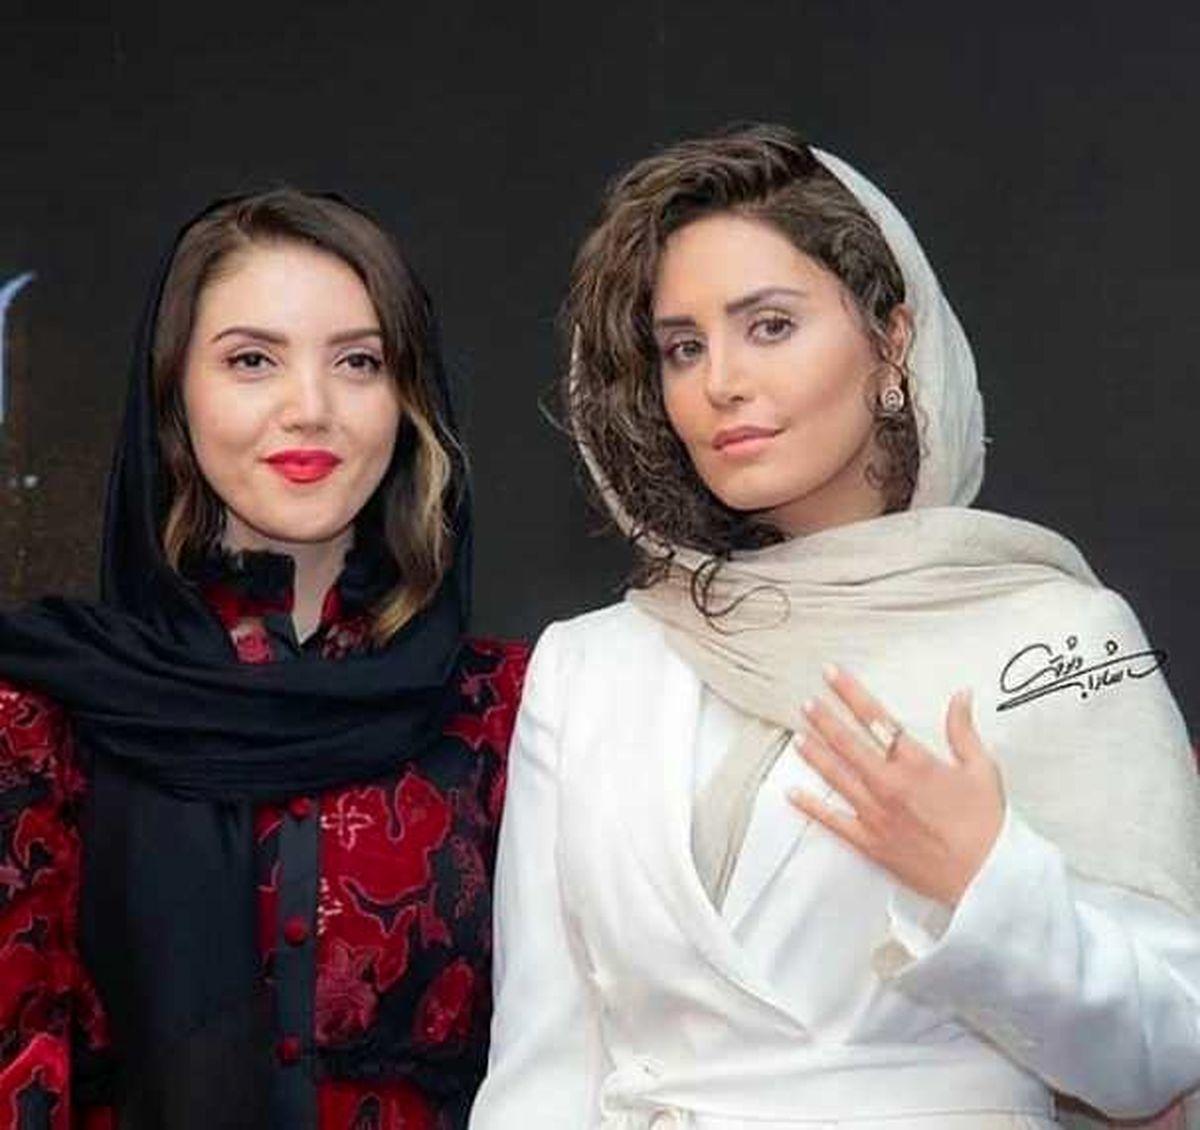 آرایش غلیظ و نامتعارف الناز شاکردوست در کنار یک خواننده ترکیهای + عکس